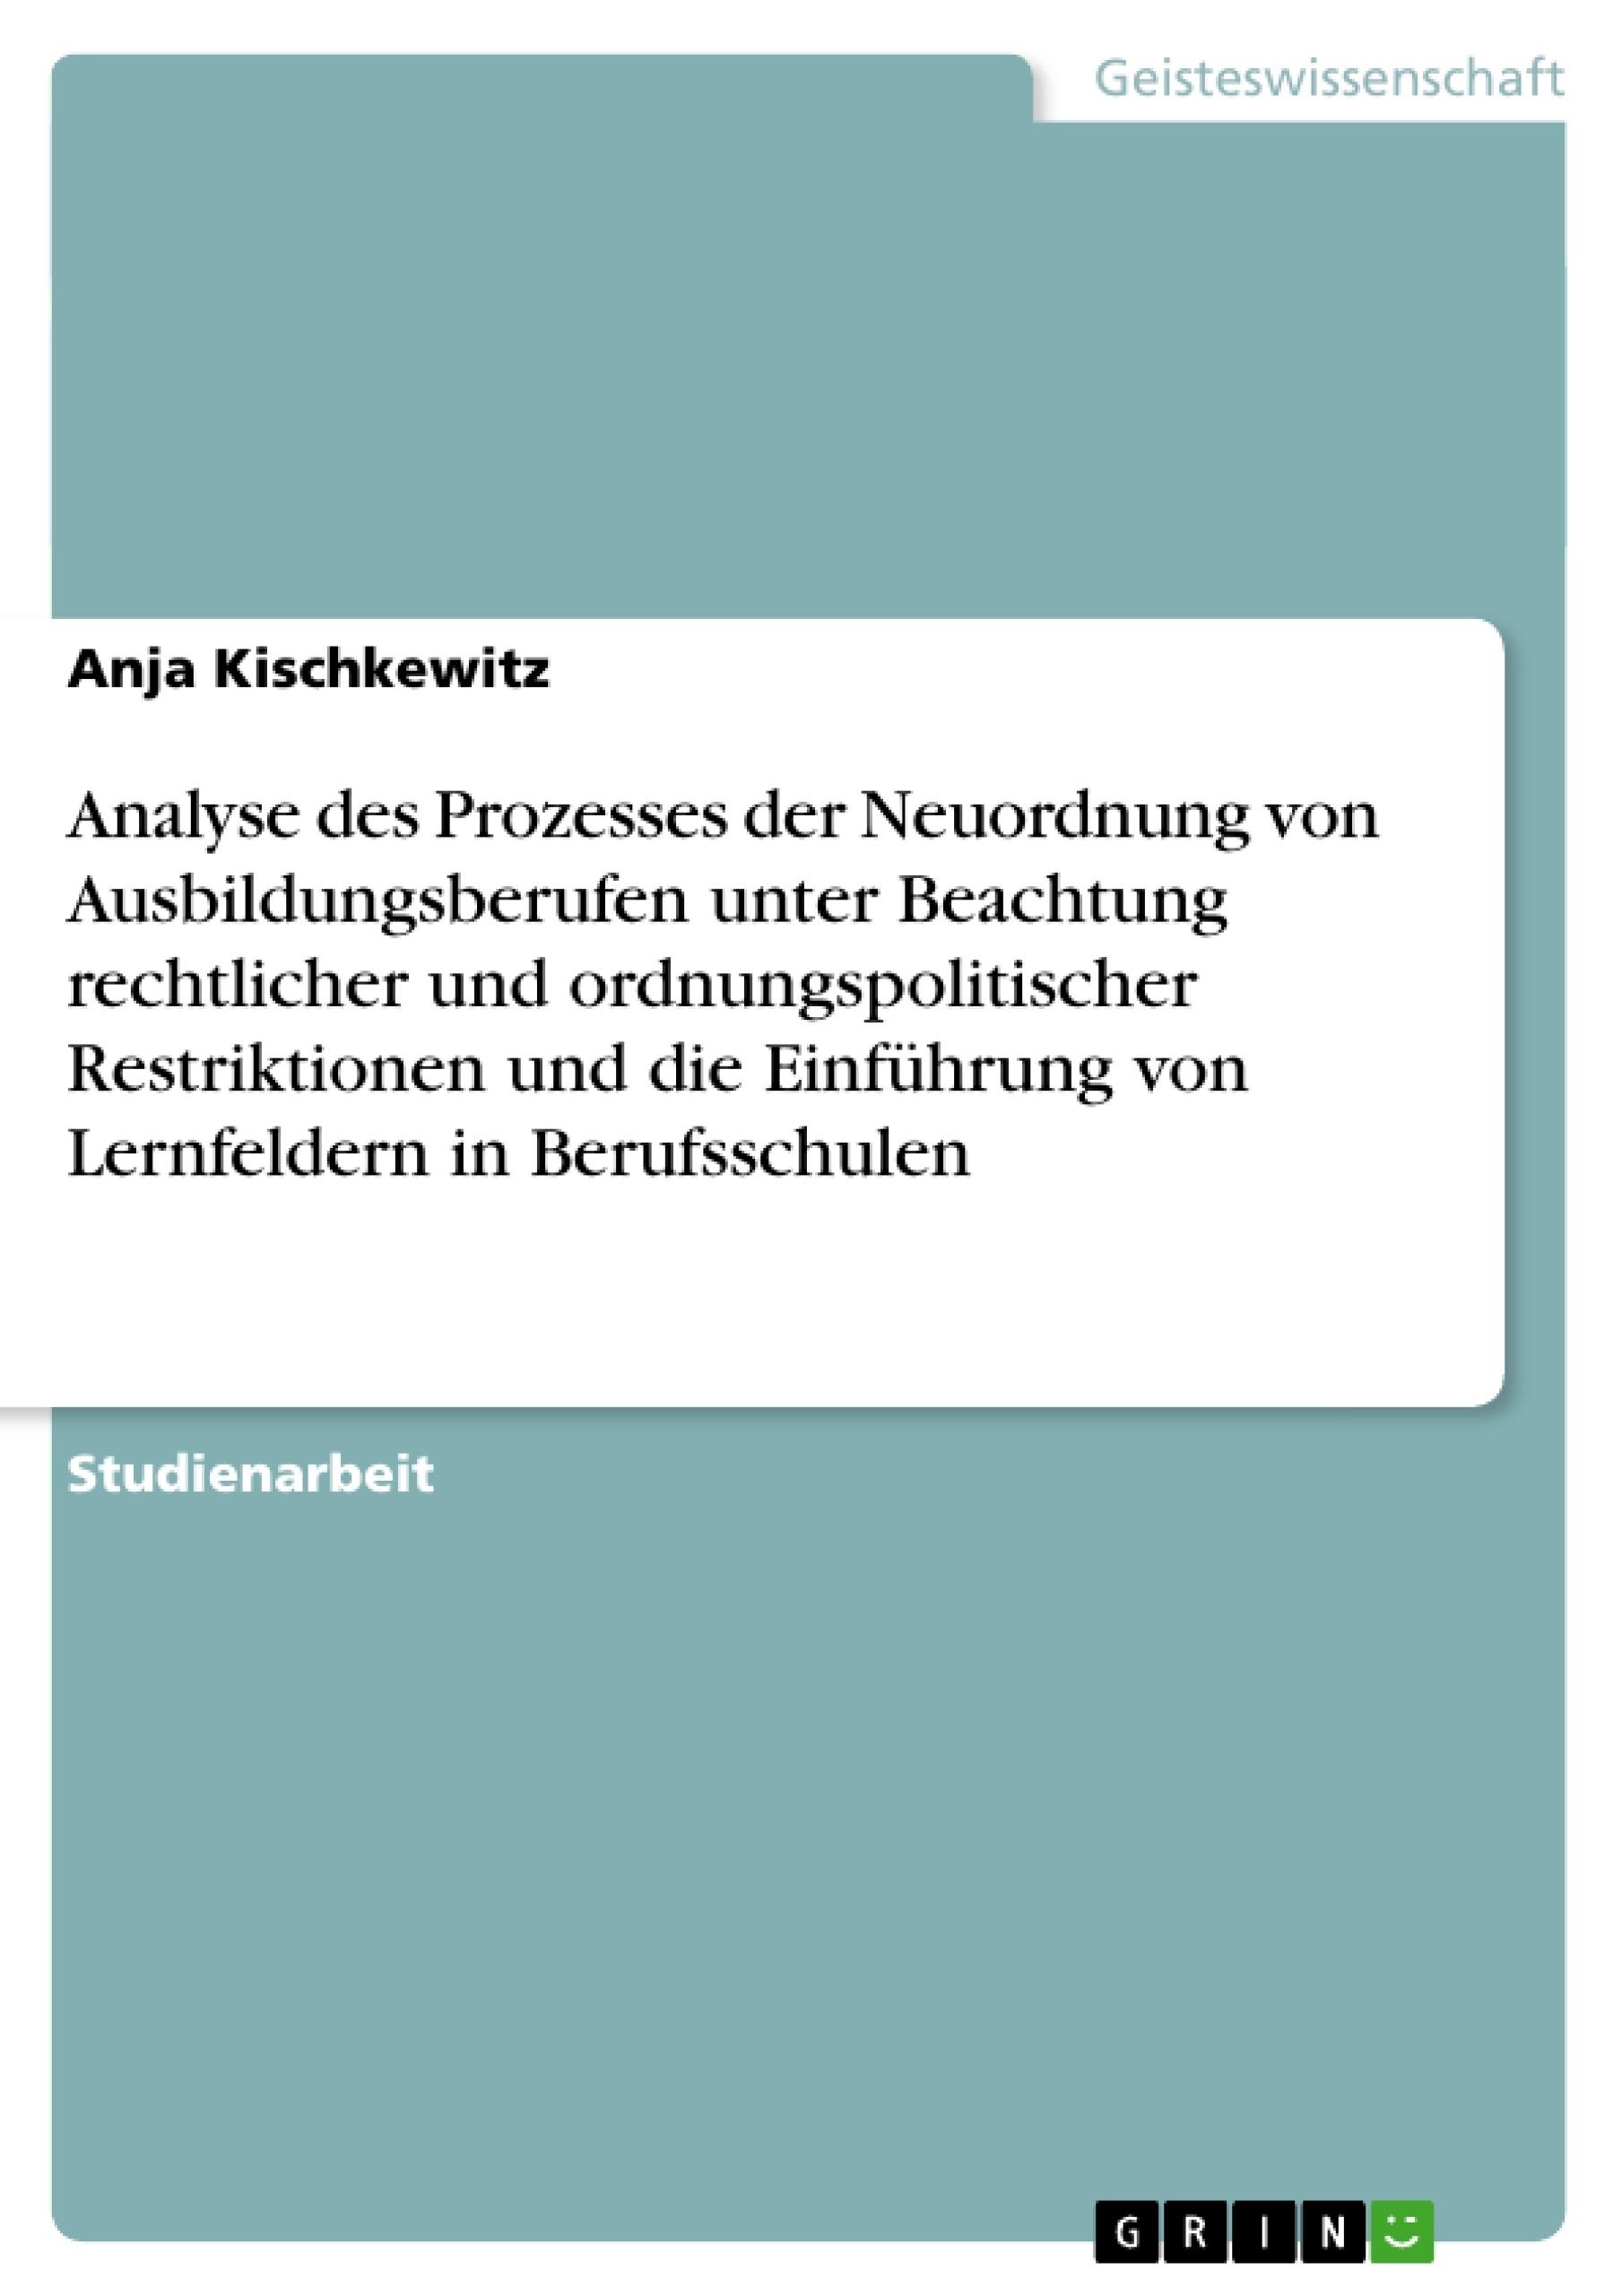 Titel: Analyse des Prozesses der Neuordnung von Ausbildungsberufen unter Beachtung rechtlicher und ordnungspolitischer Restriktionen und die Einführung von Lernfeldern in Berufsschulen